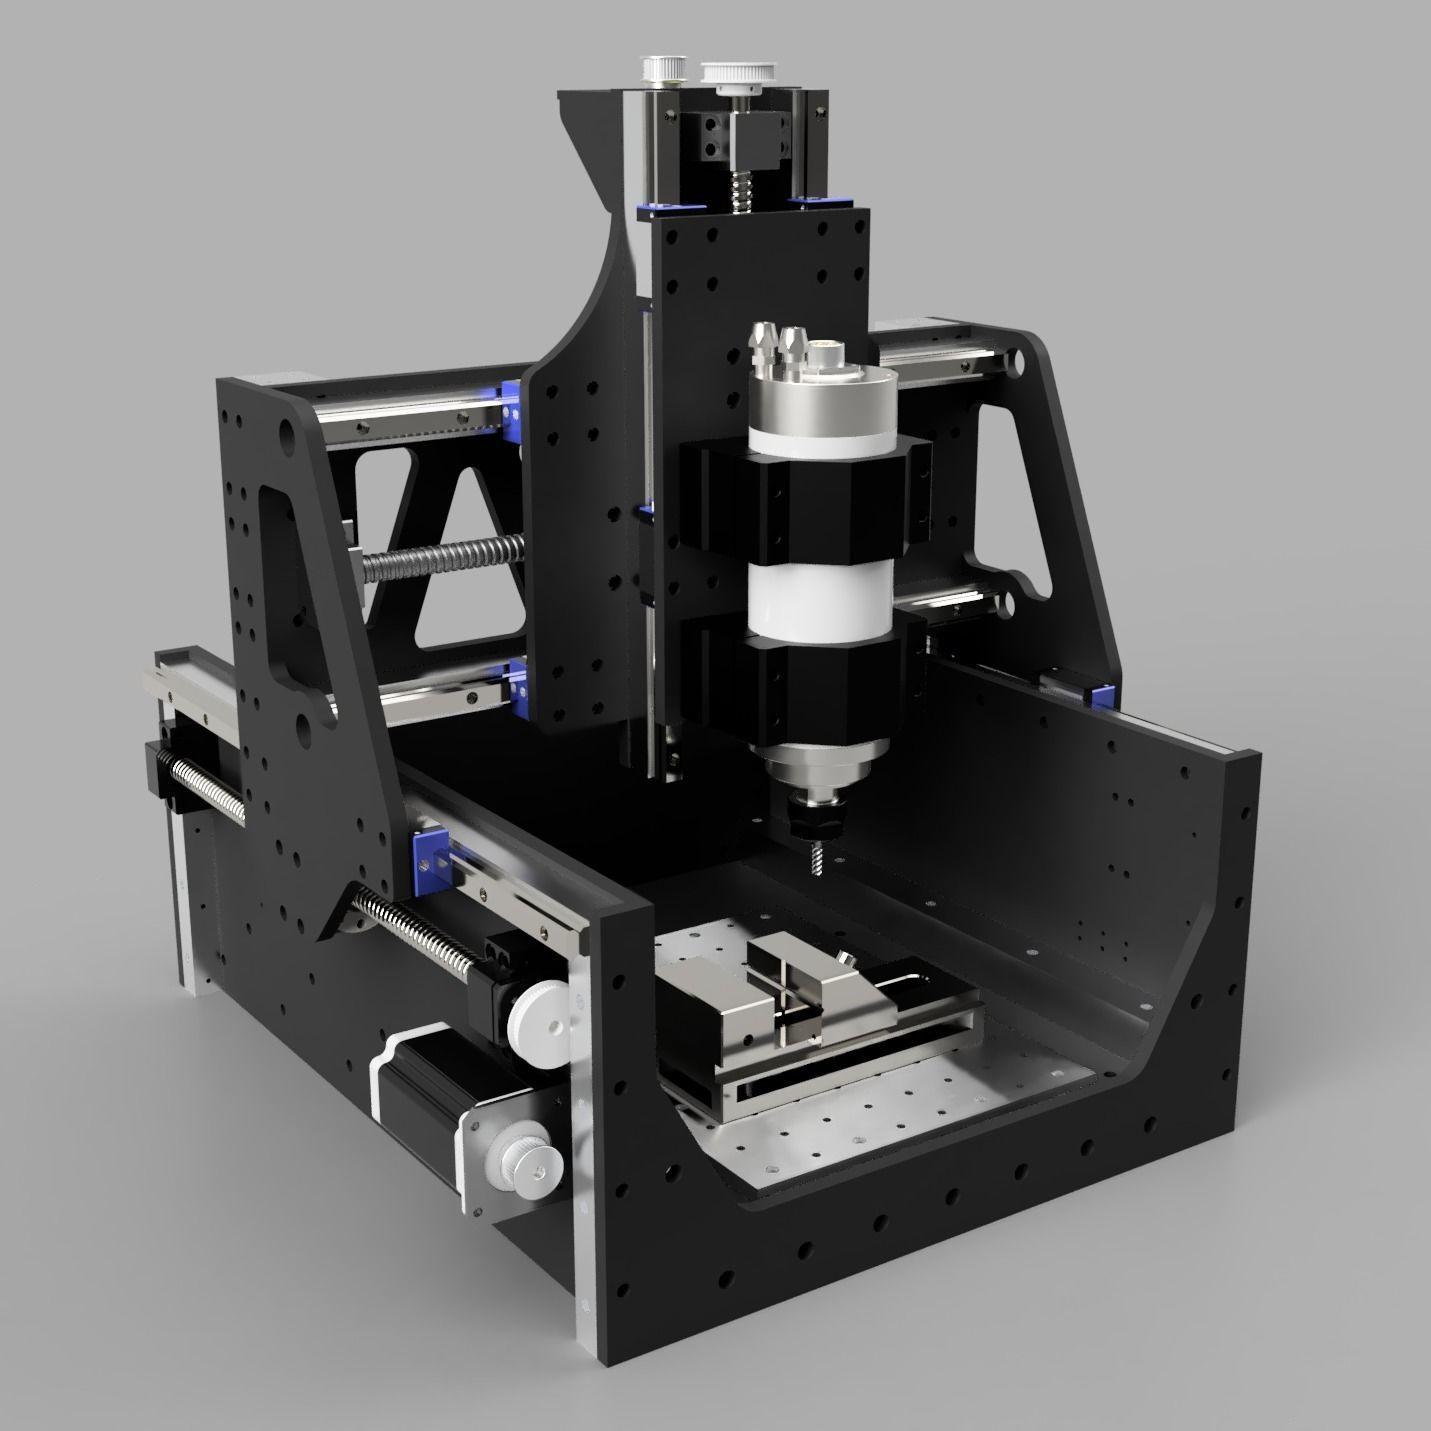 MINI CNC MACHINE